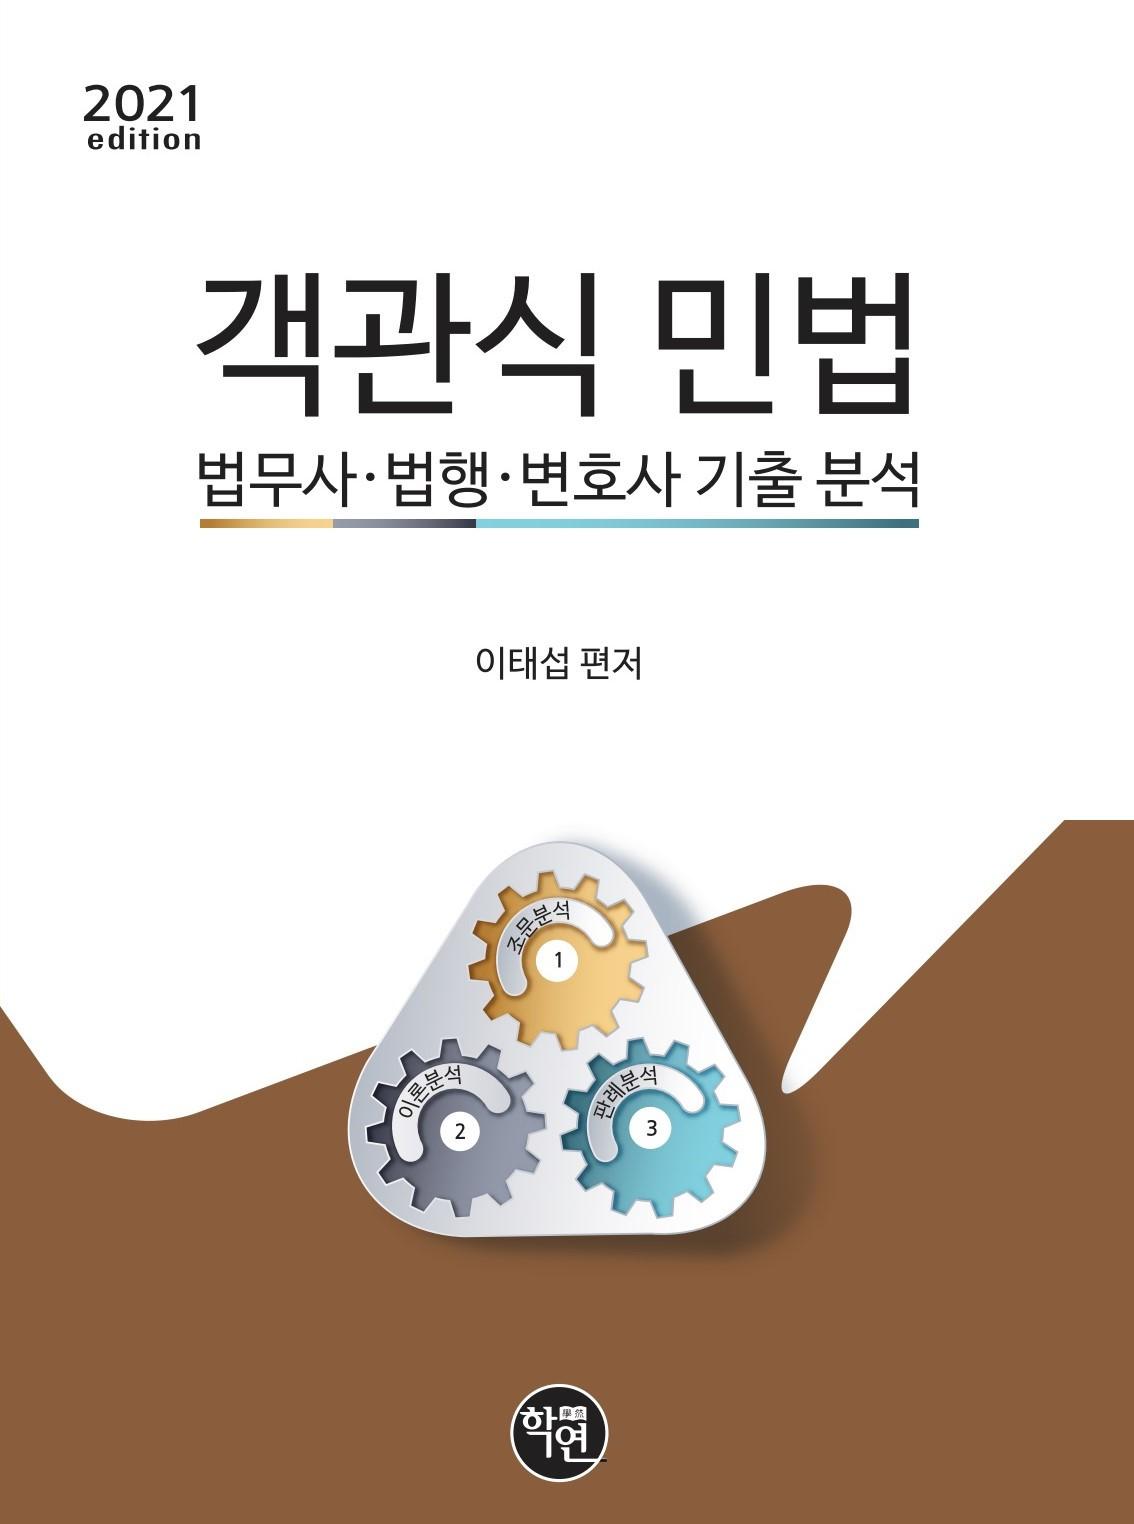 [법무사] 2021 객관식 민법 (이태섭 저)